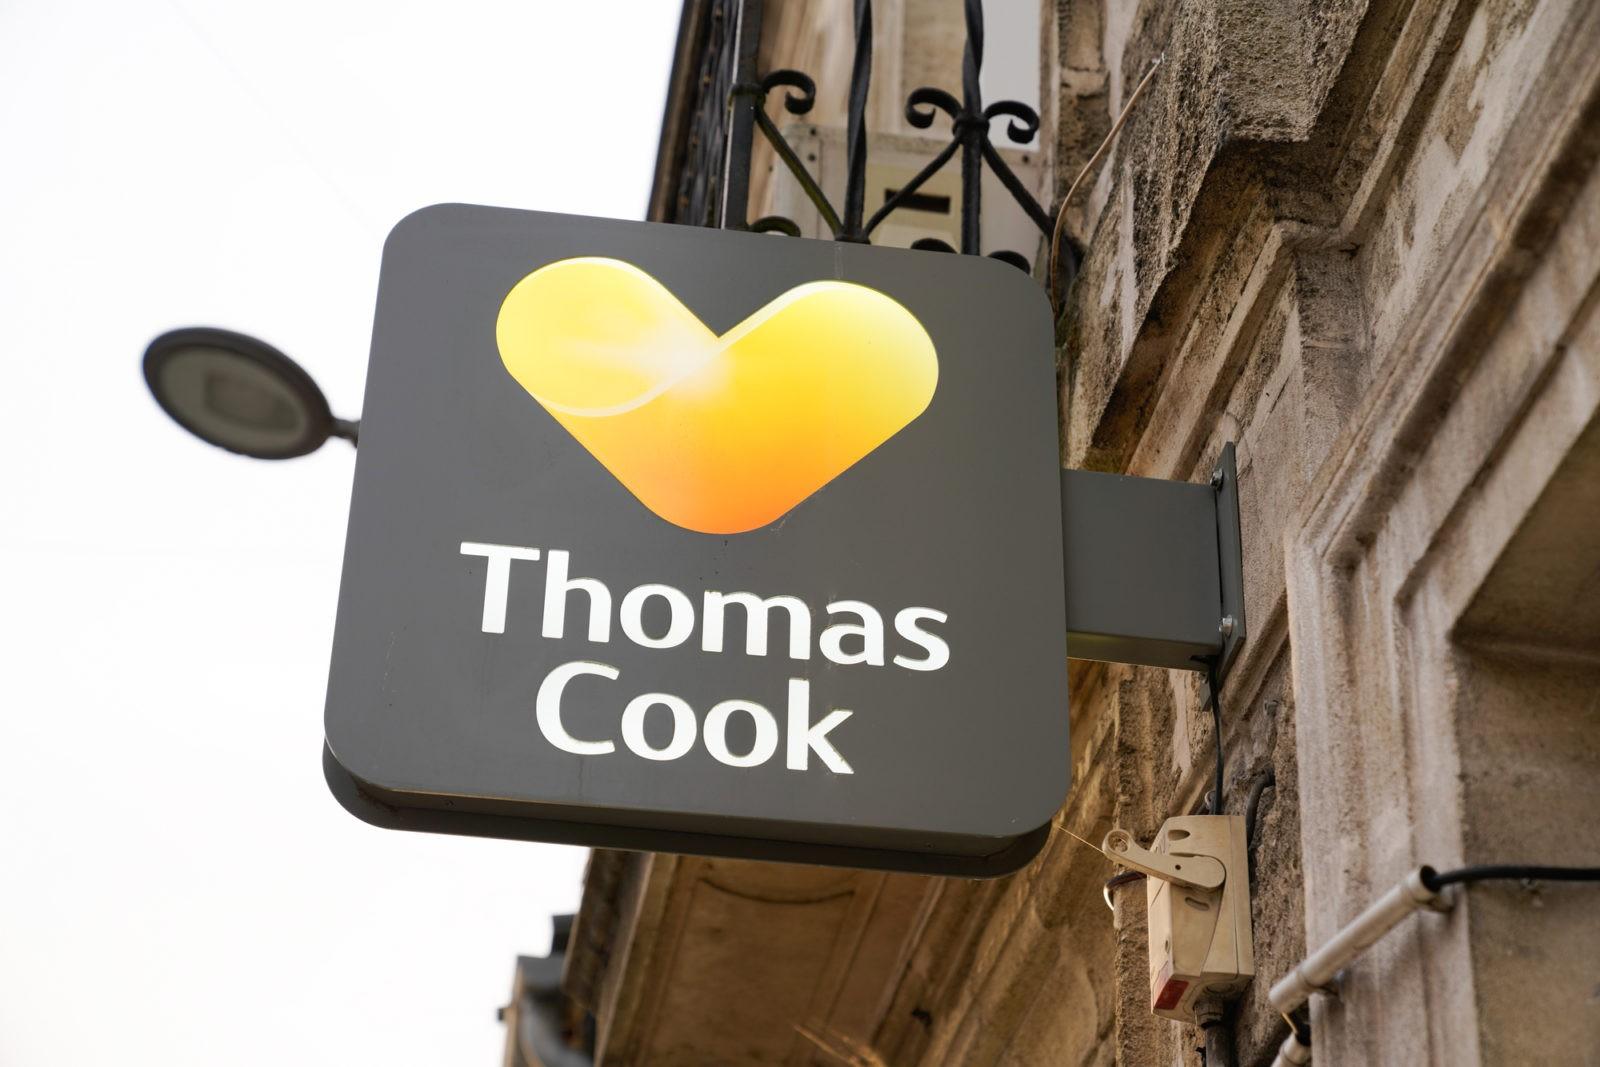 «Рассвет и закат» Thomas Cook Group, которую основал простой столяр: чем знаменита старейшая в мире турфирма и как она стала банкротом?